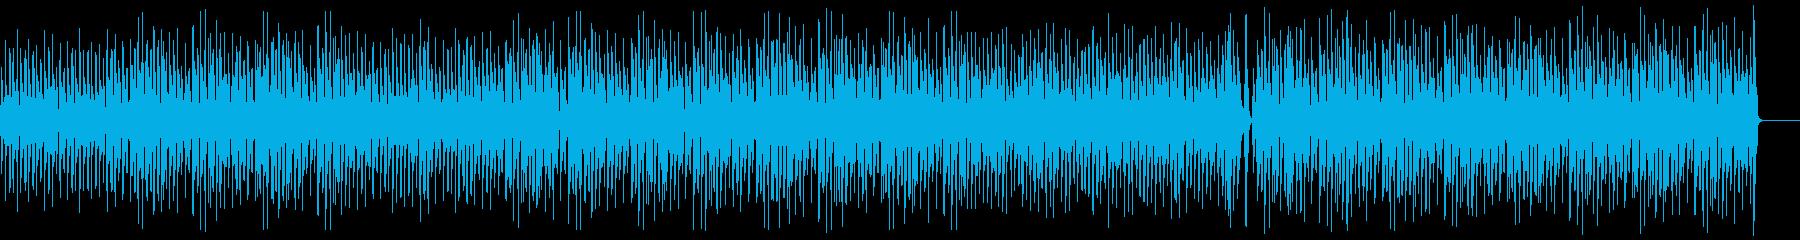 ほのぼの/軽快/ウクレレ/リコーダーの再生済みの波形